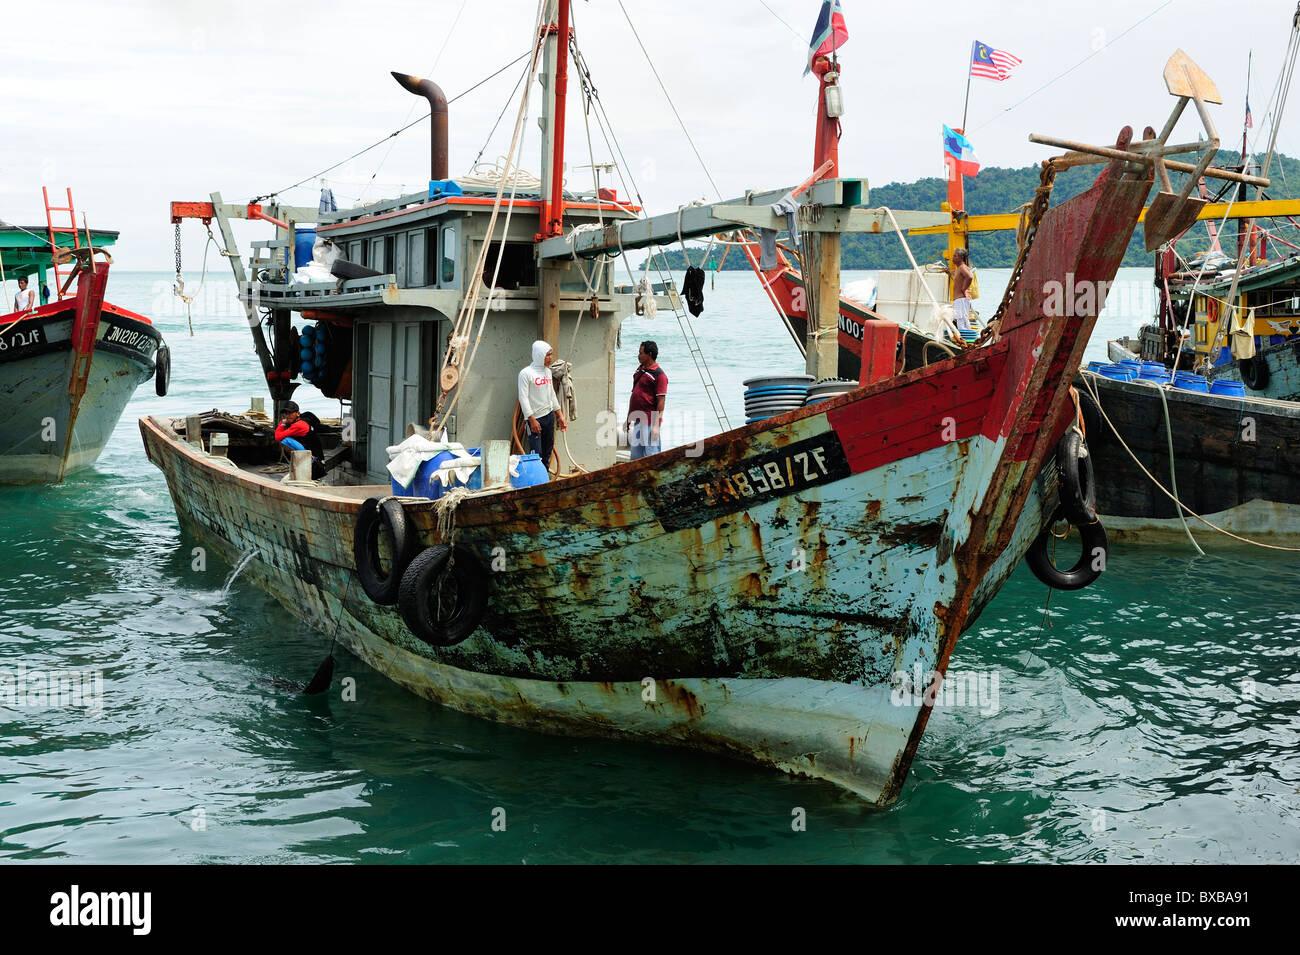 Fishing boats on waterfront in Kota Kinabalu, Sabah - Stock Image